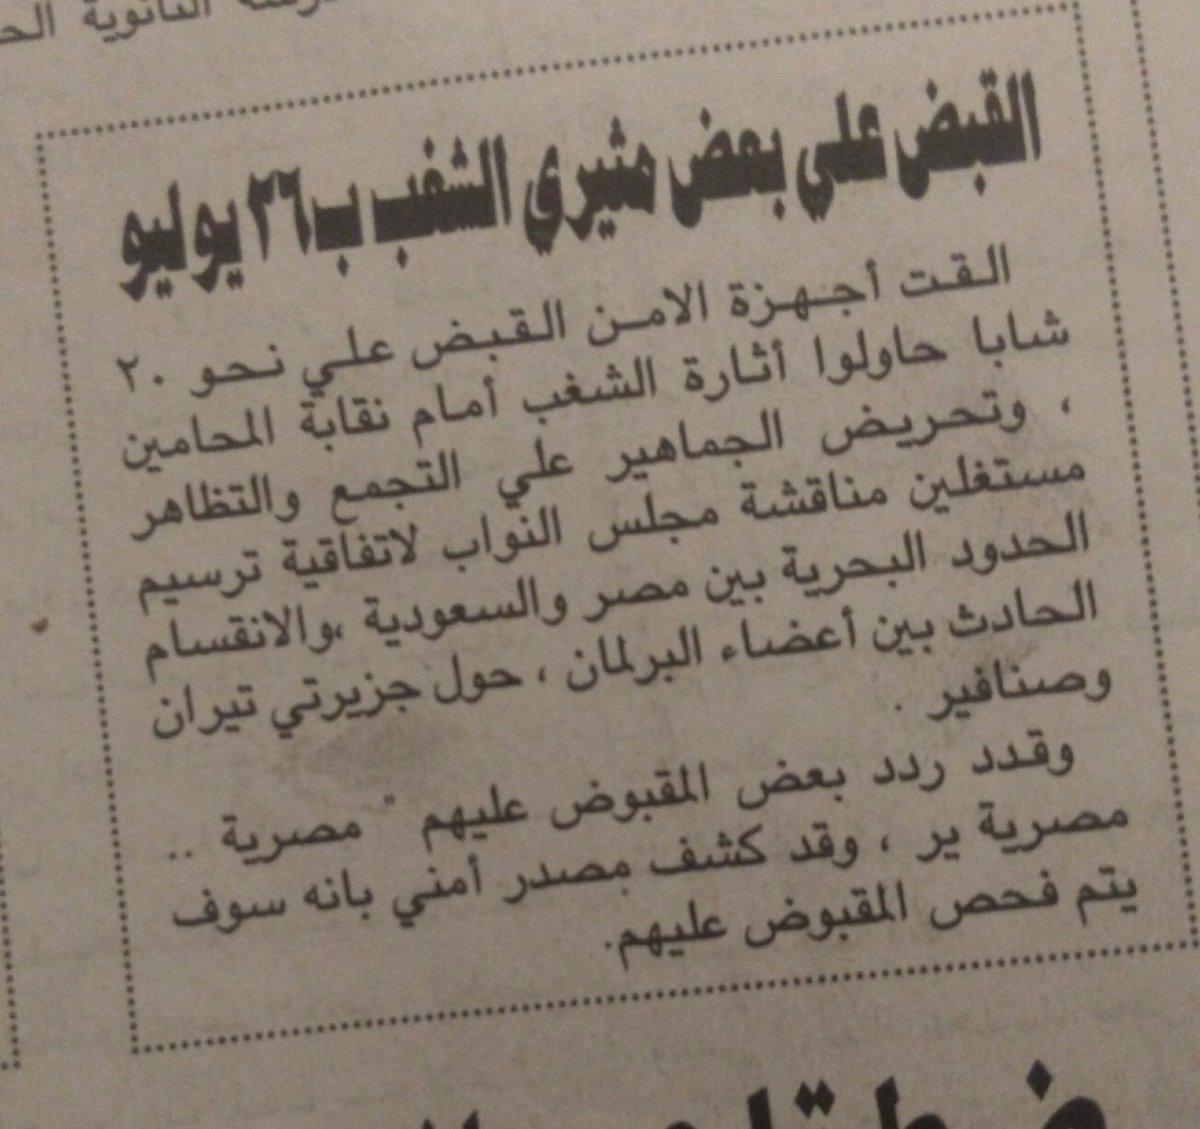 وقد ردد بعض المقبوض عليهم: مصرية .. مصرية. https://t.co/sySQqO3moX